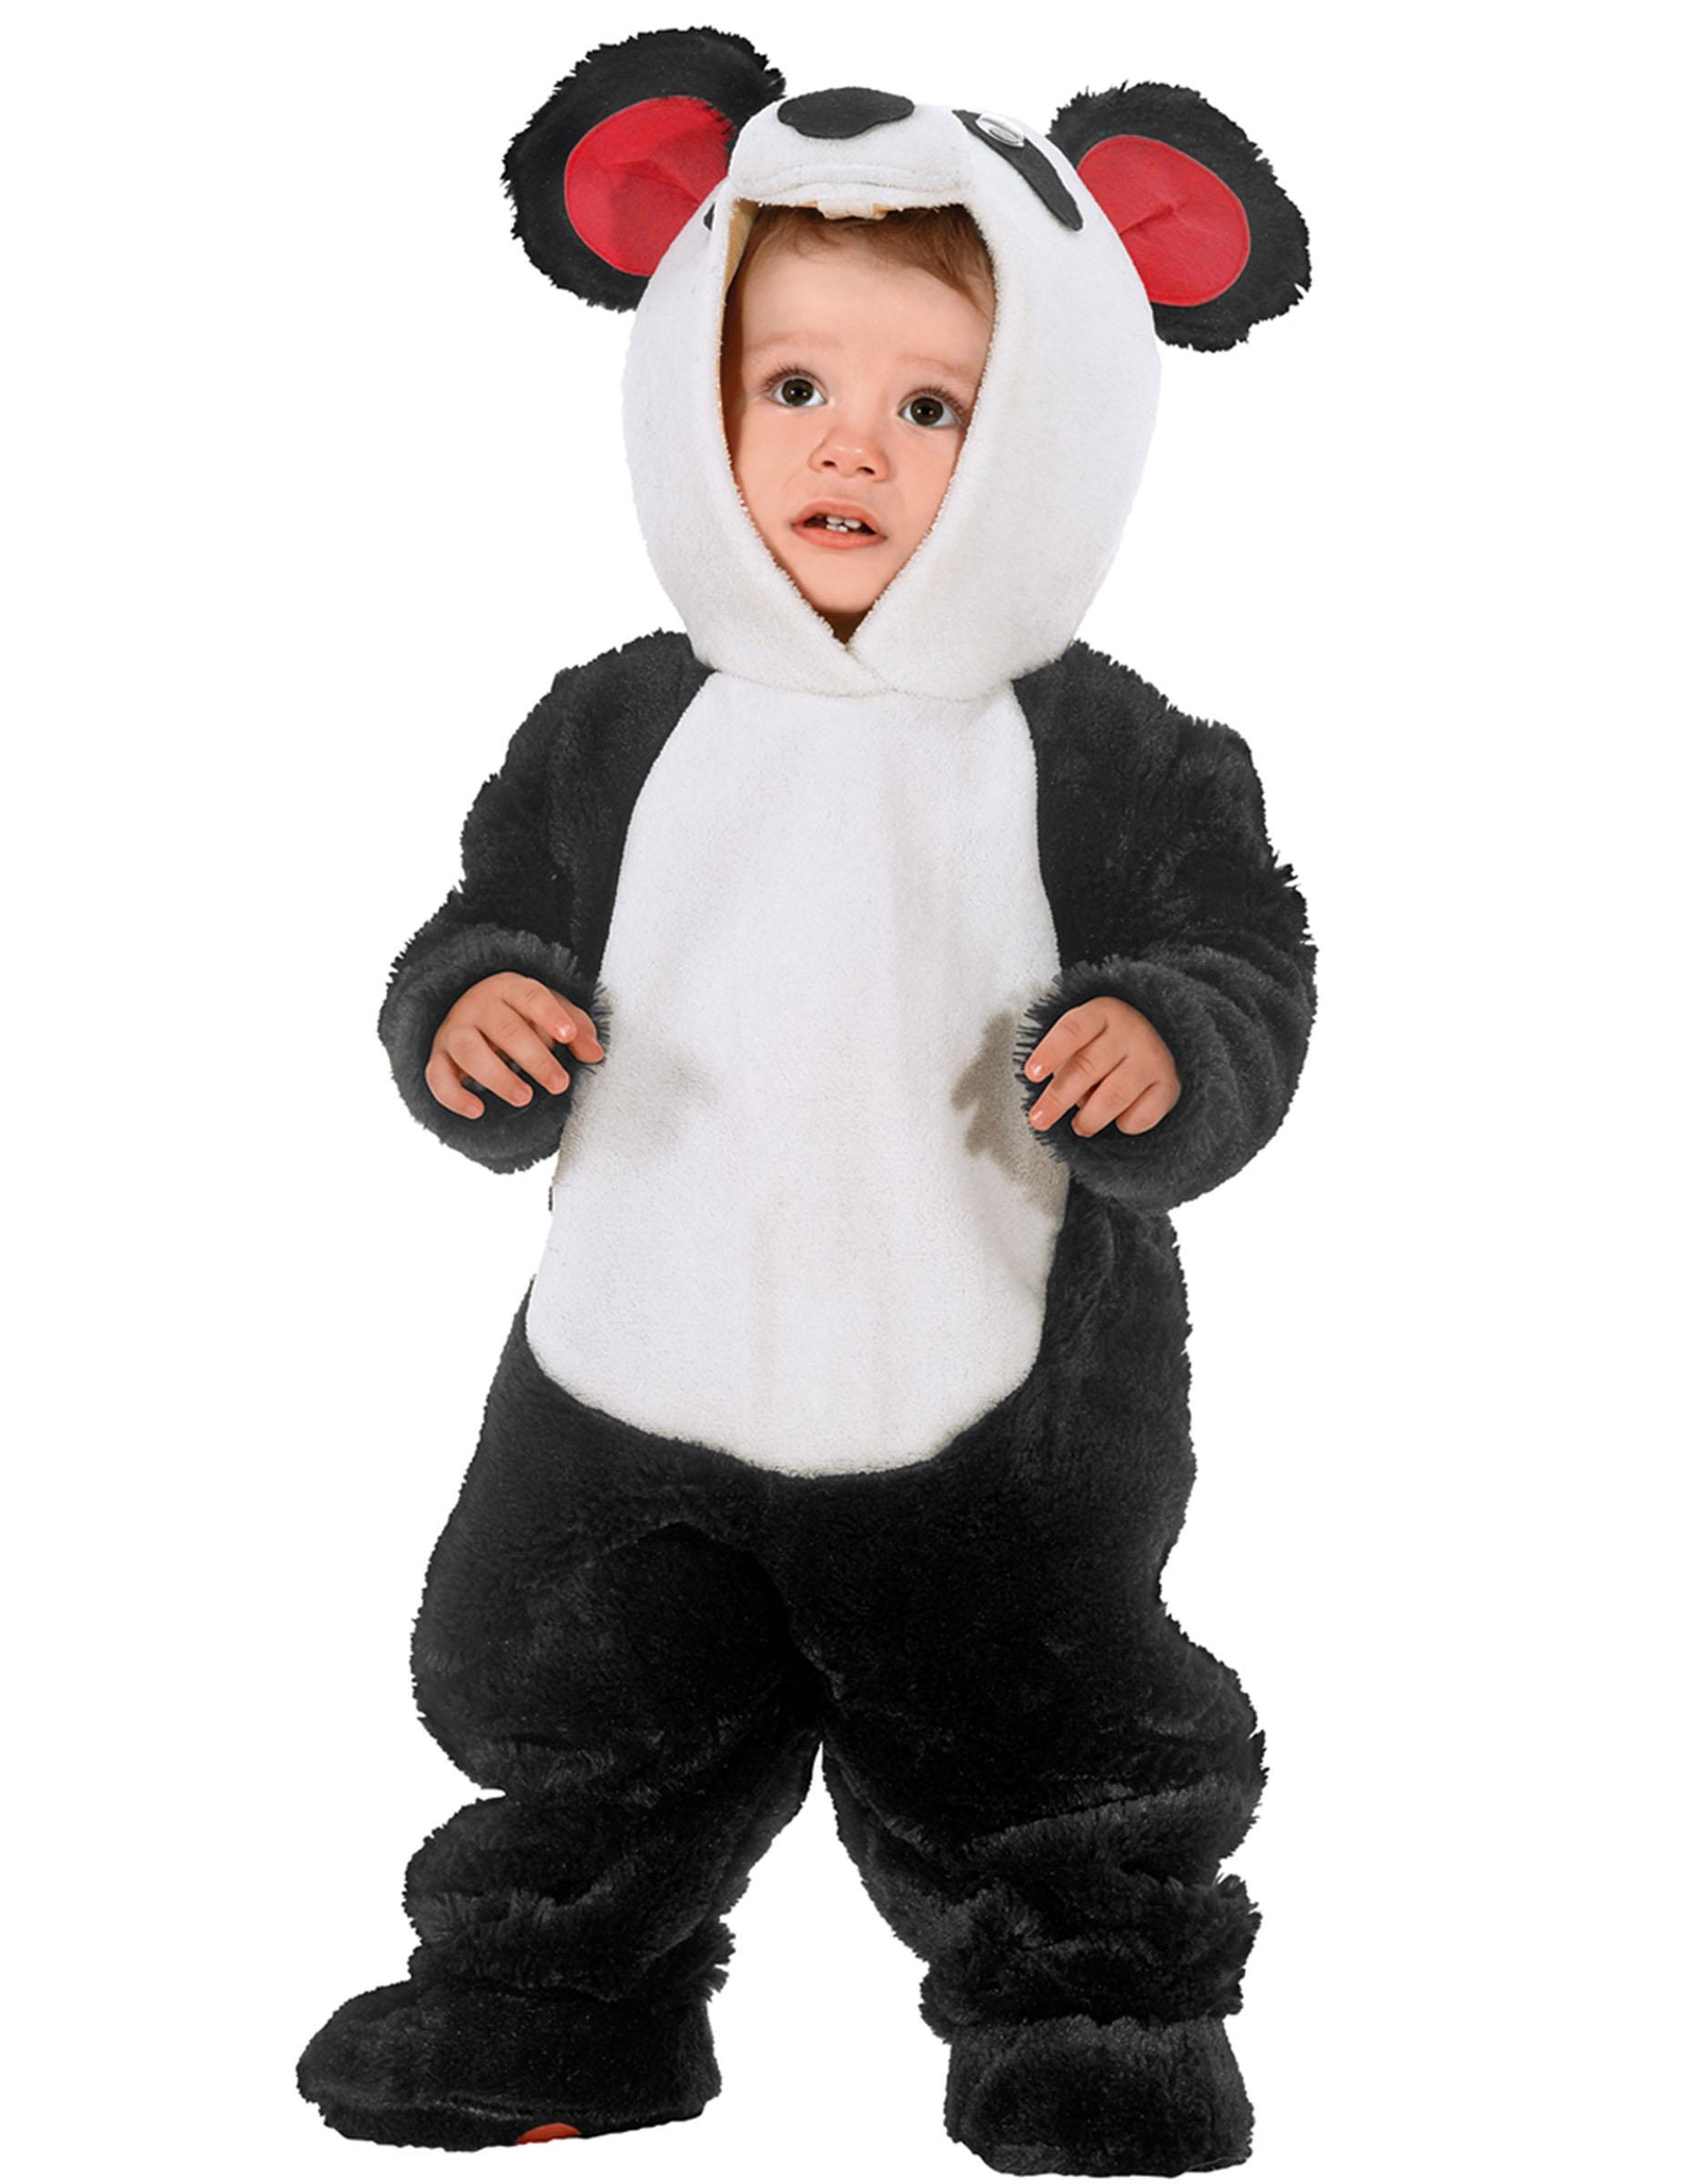 disfraz de oso panda beb disfraces ni os y disfraces originales baratos vegaoo. Black Bedroom Furniture Sets. Home Design Ideas